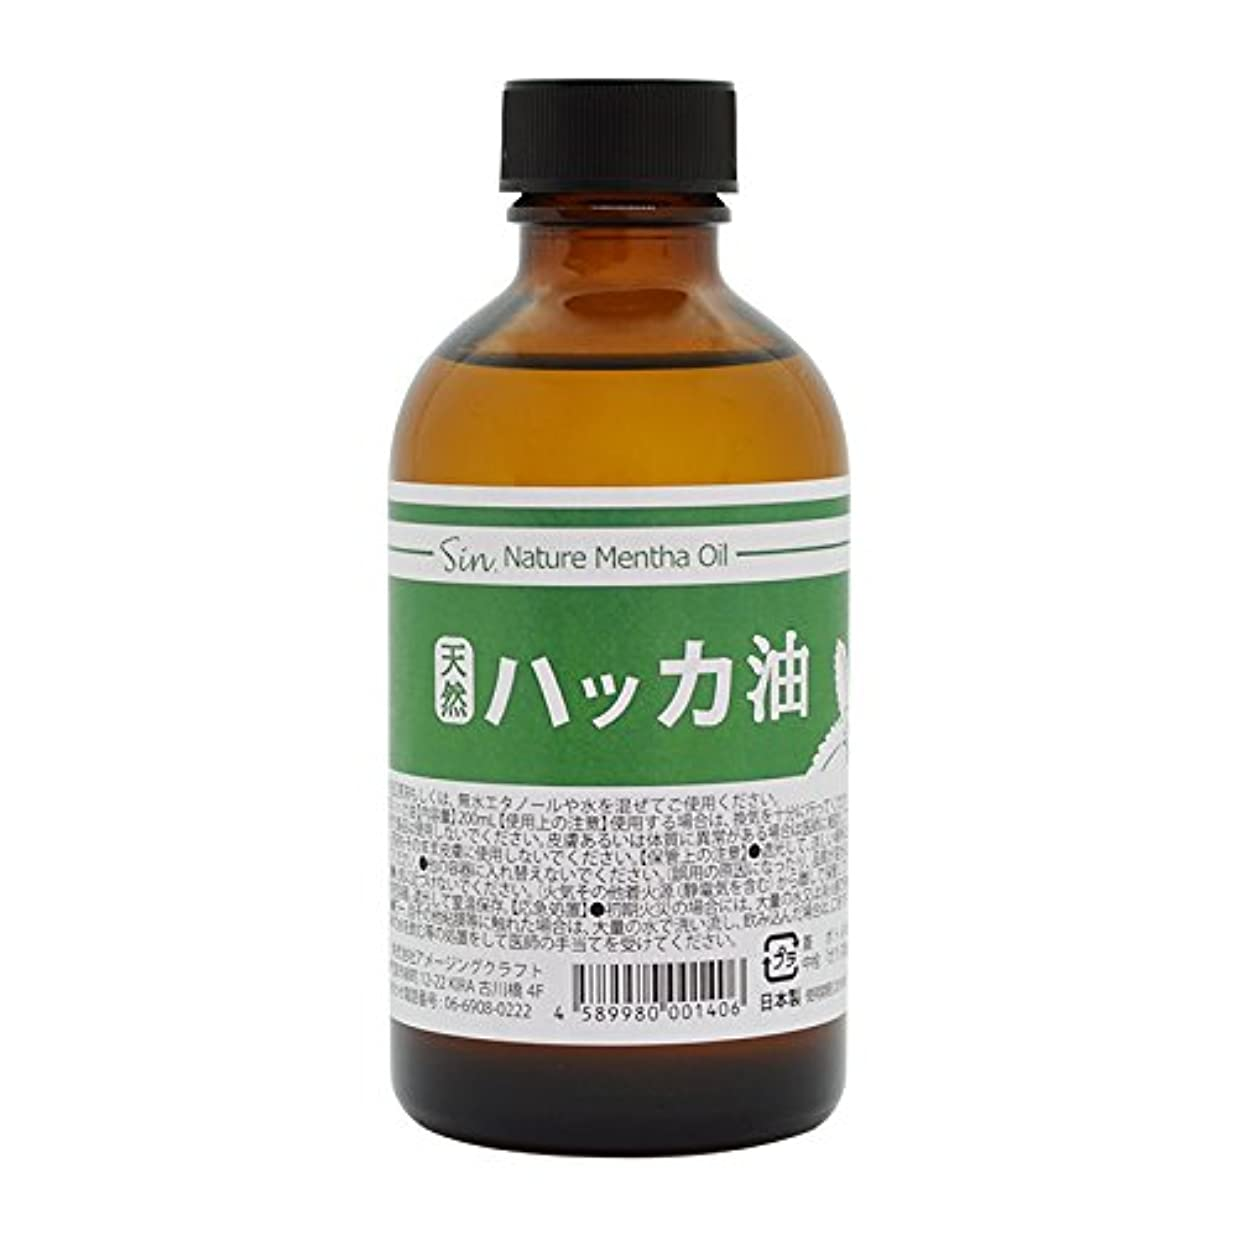 サイクル青団結日本製 天然ハッカ油(ハッカオイル) 200ml 中栓付き